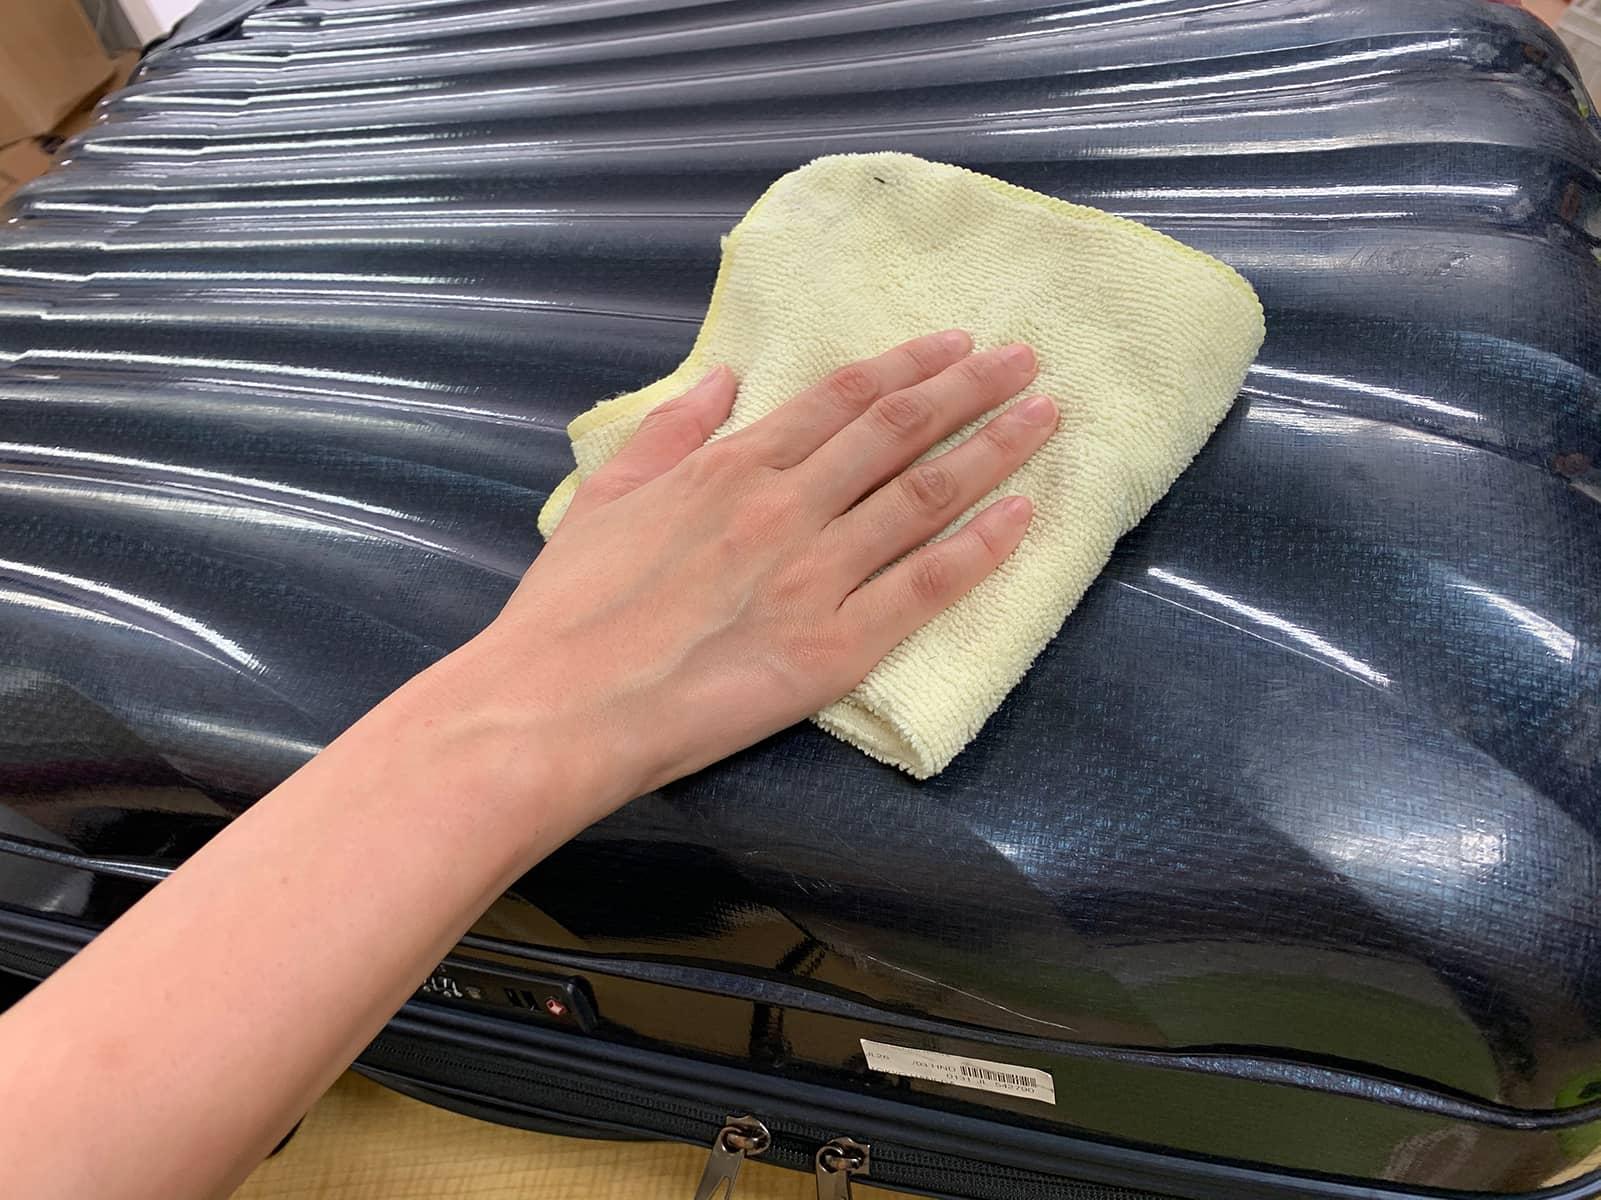 スーツケースのボディの汚れを布で拭いている様子